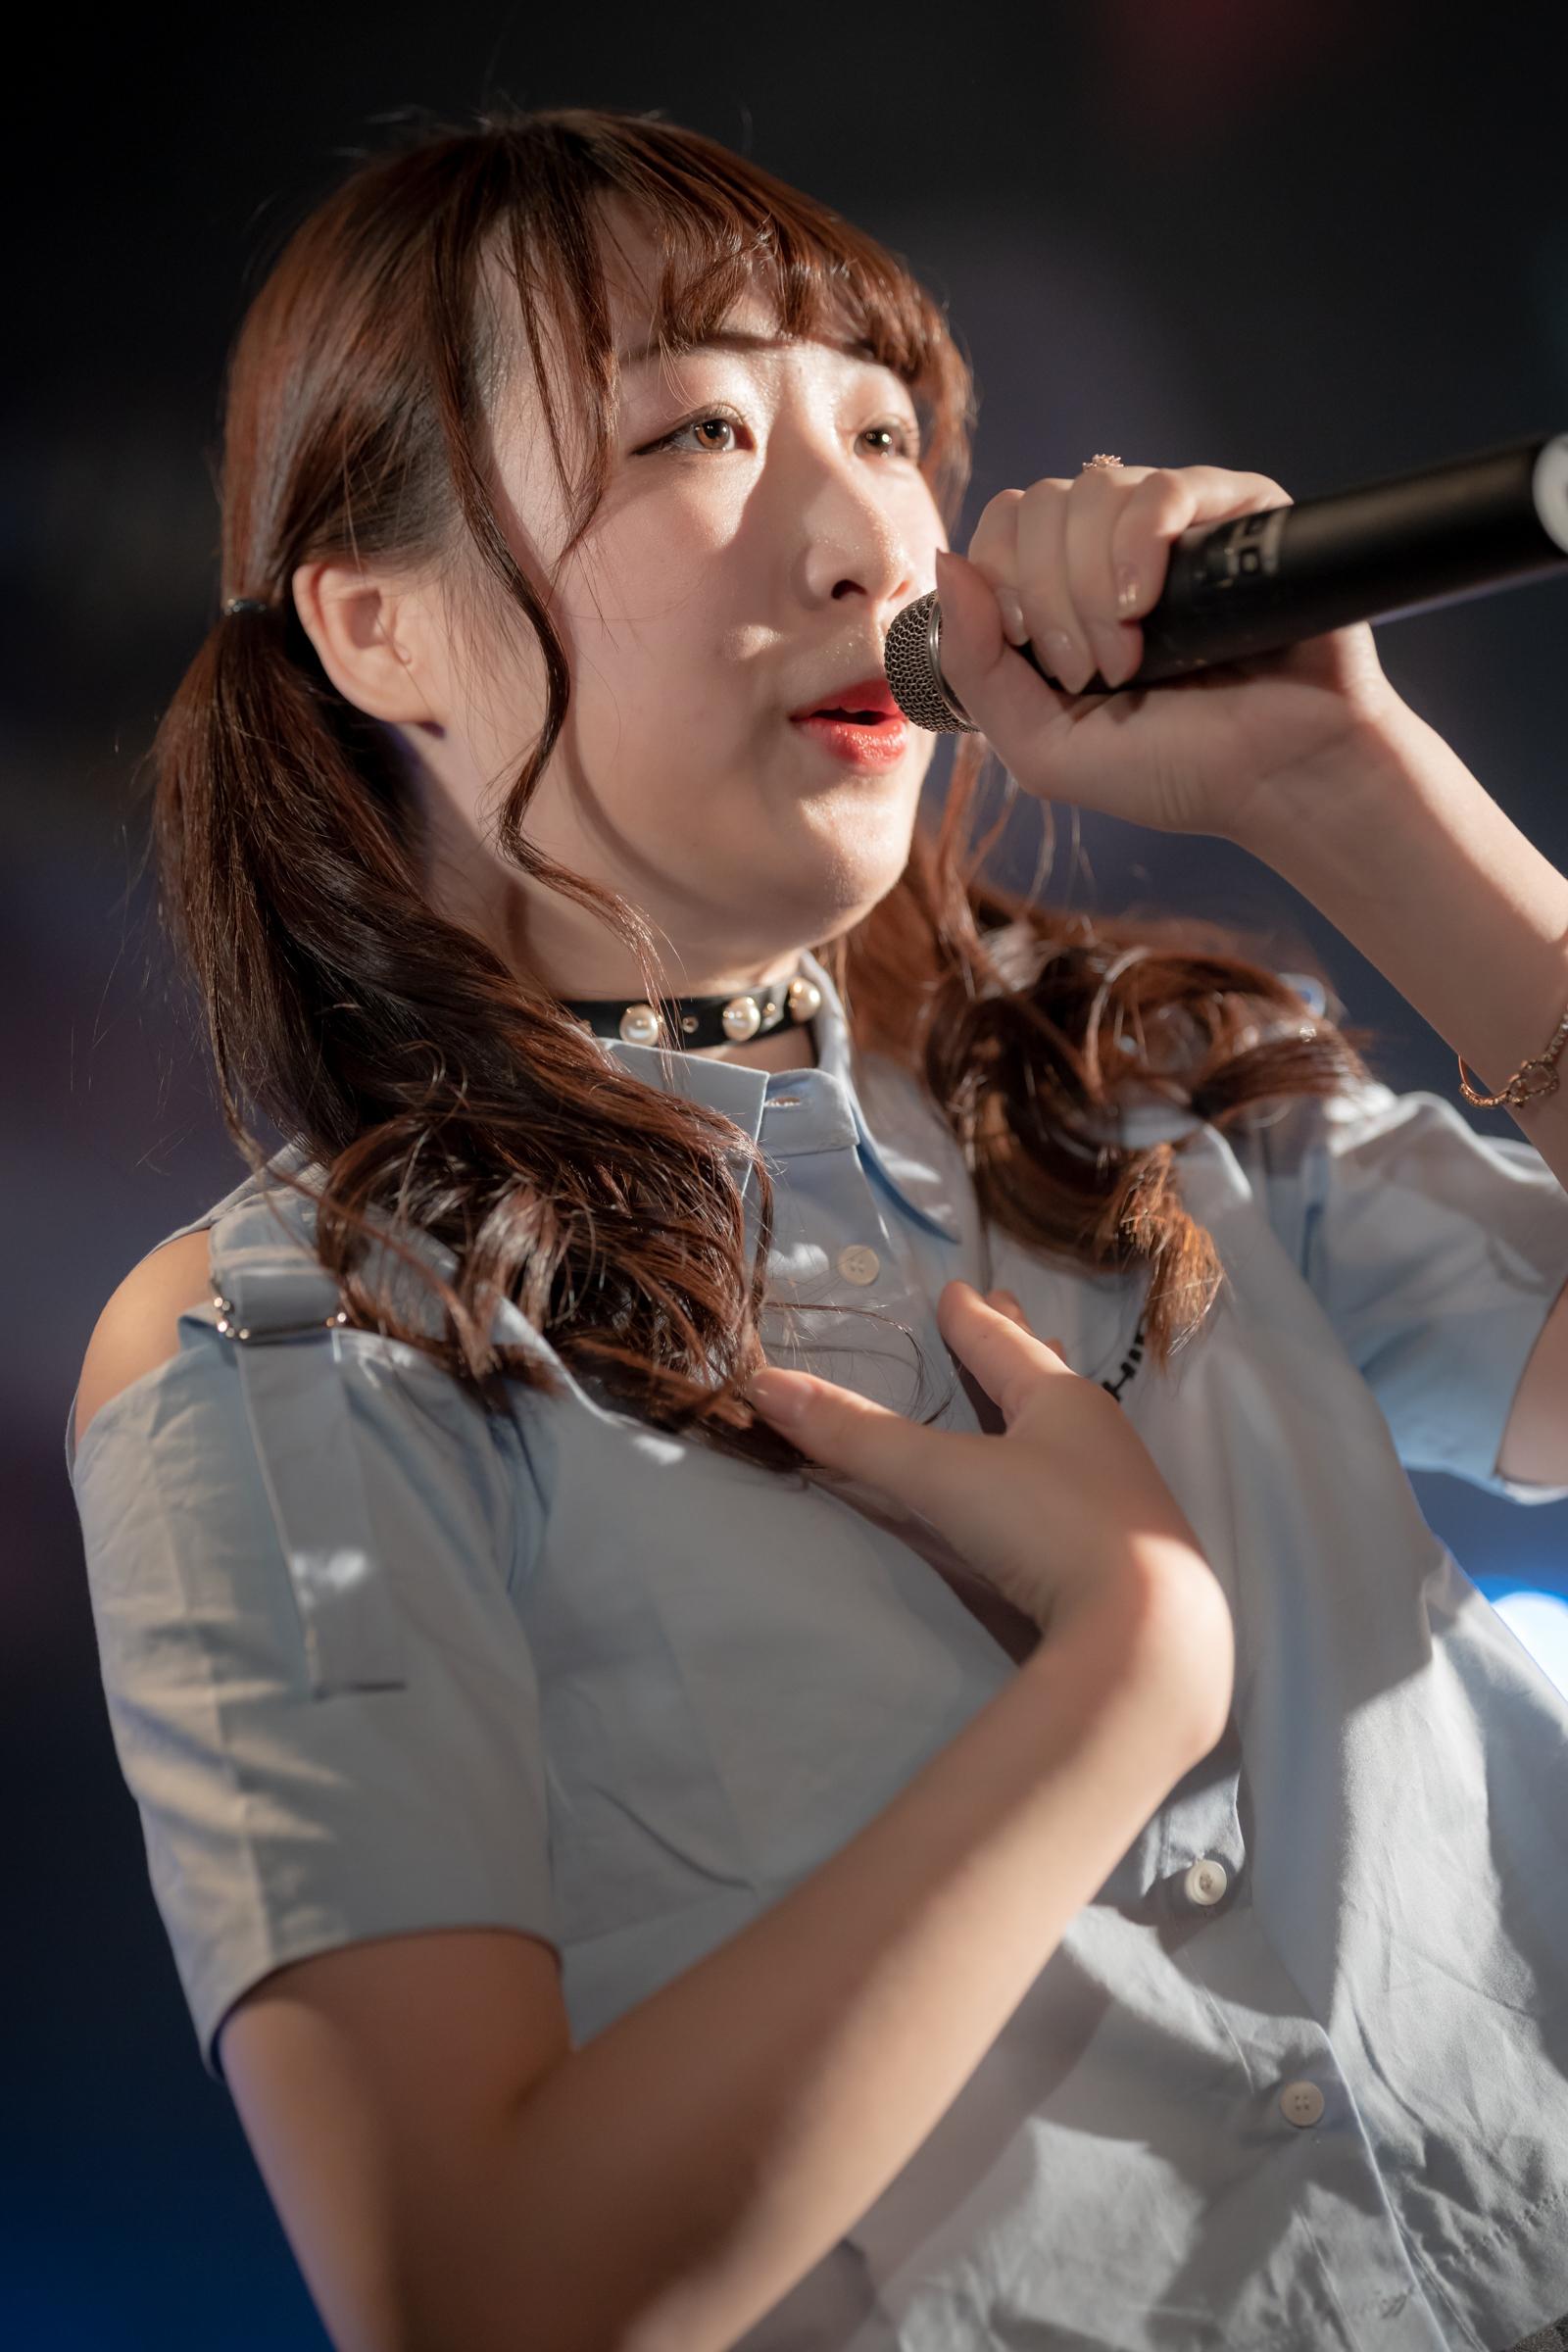 ICE☆PASTEL のんちゃん ( 木田葉音 ) | フルーティー定期公演フルーツバスケット~おまる生誕~